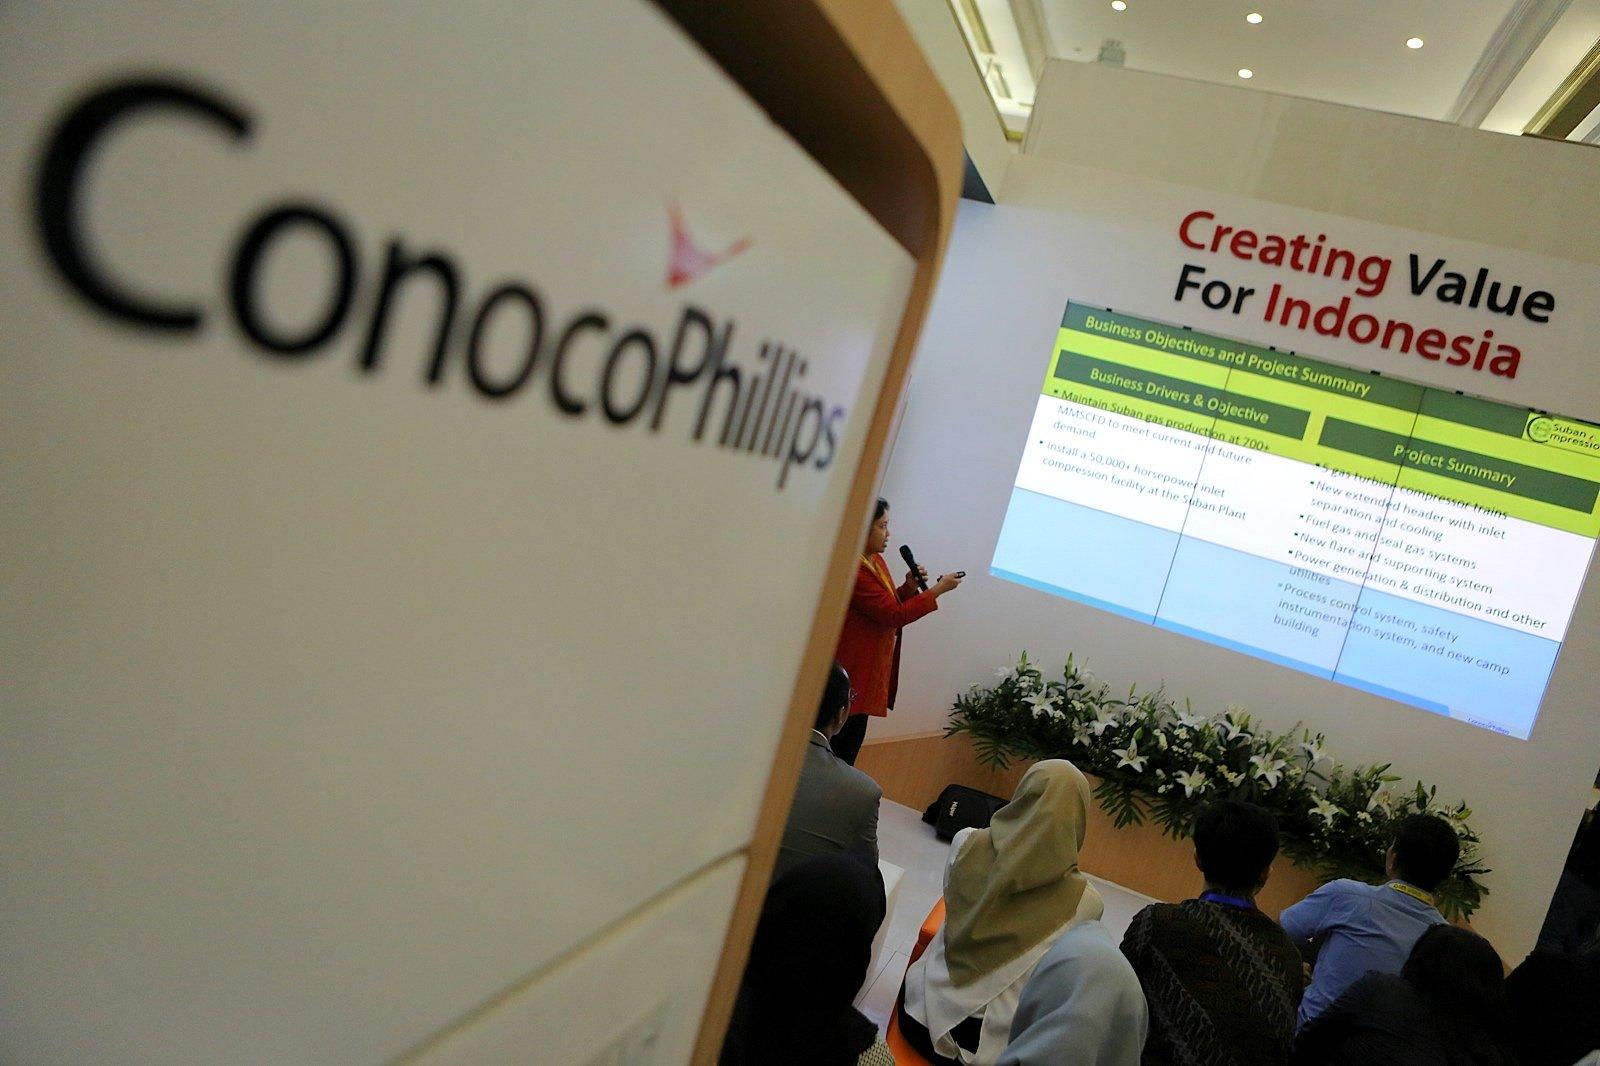 IPA Convex ini diikuti Iebih dari 1.500 peserta dan 113 perusahaan yang bergerak di sektor migas.